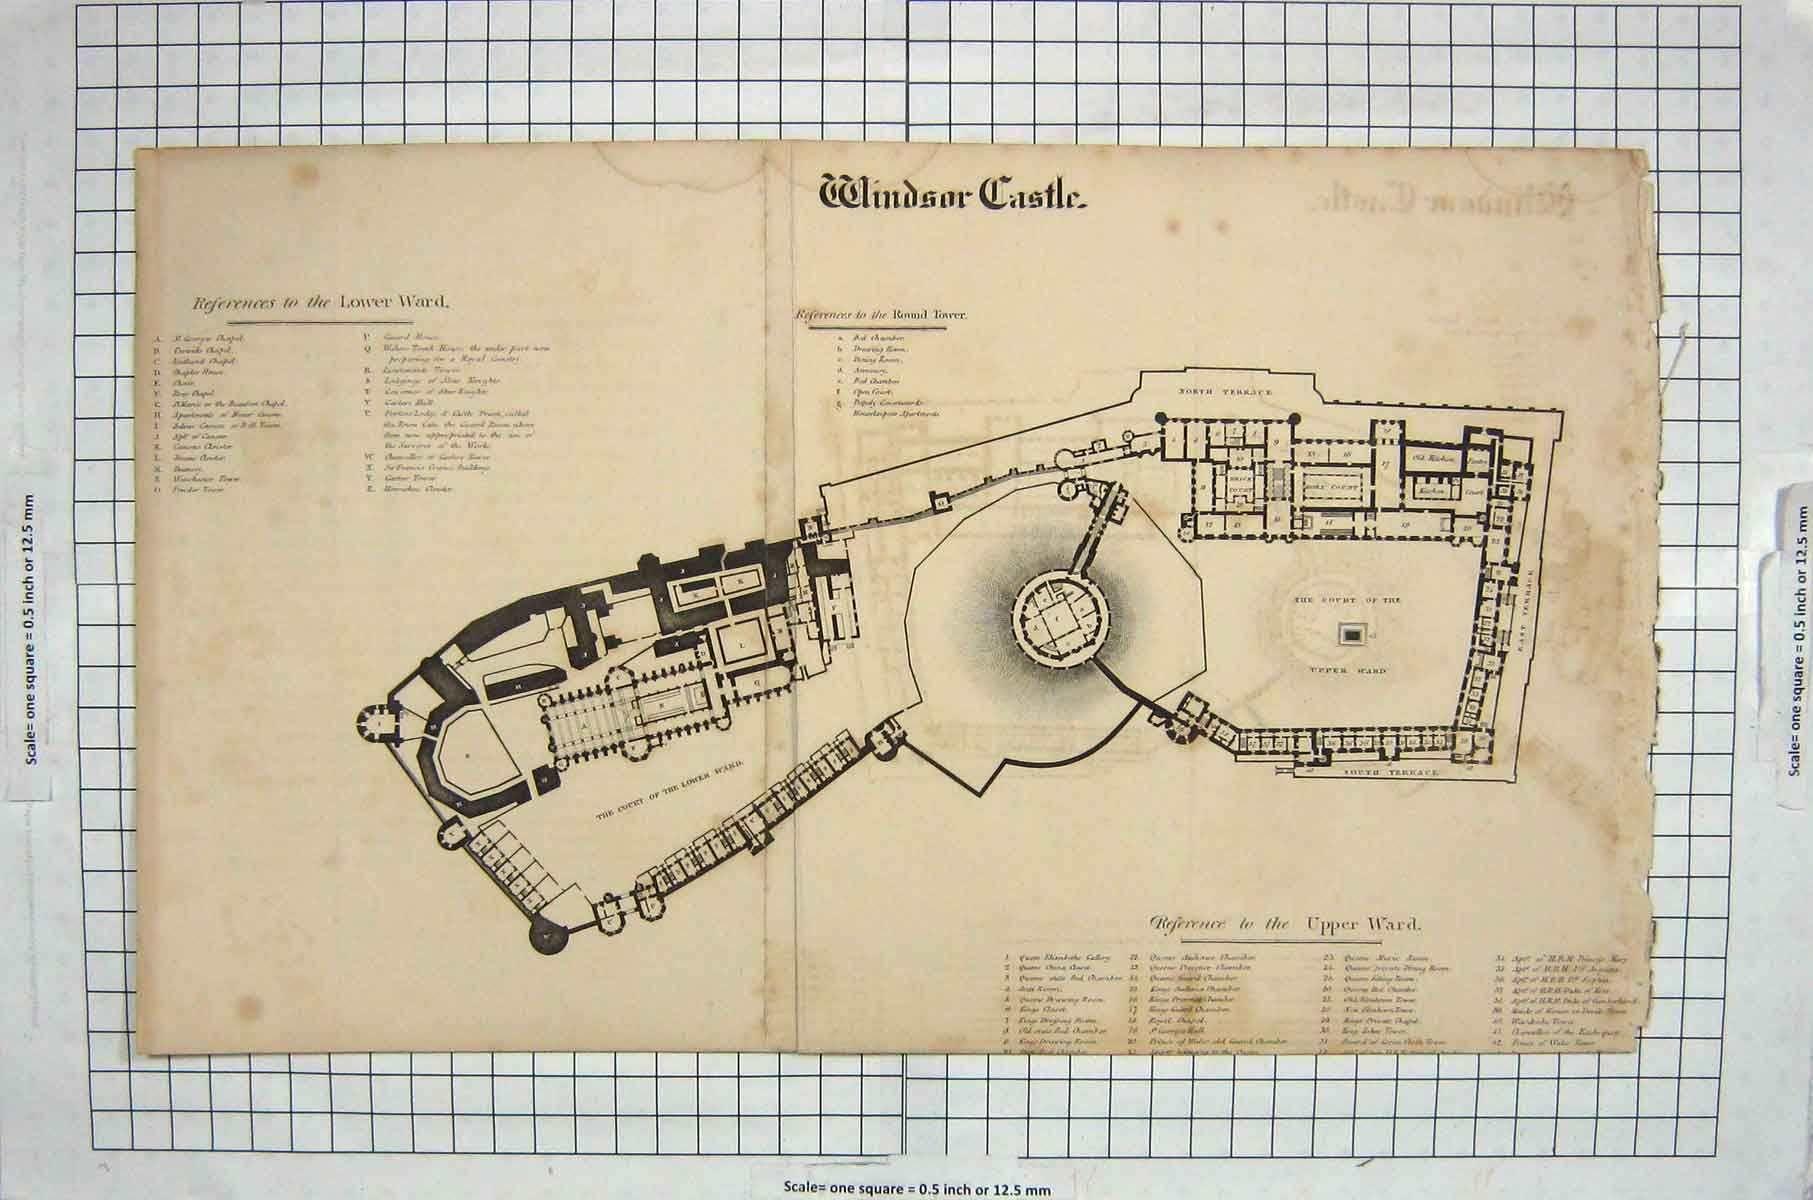 Antique plan of the castle. | Windsor castle, Castle